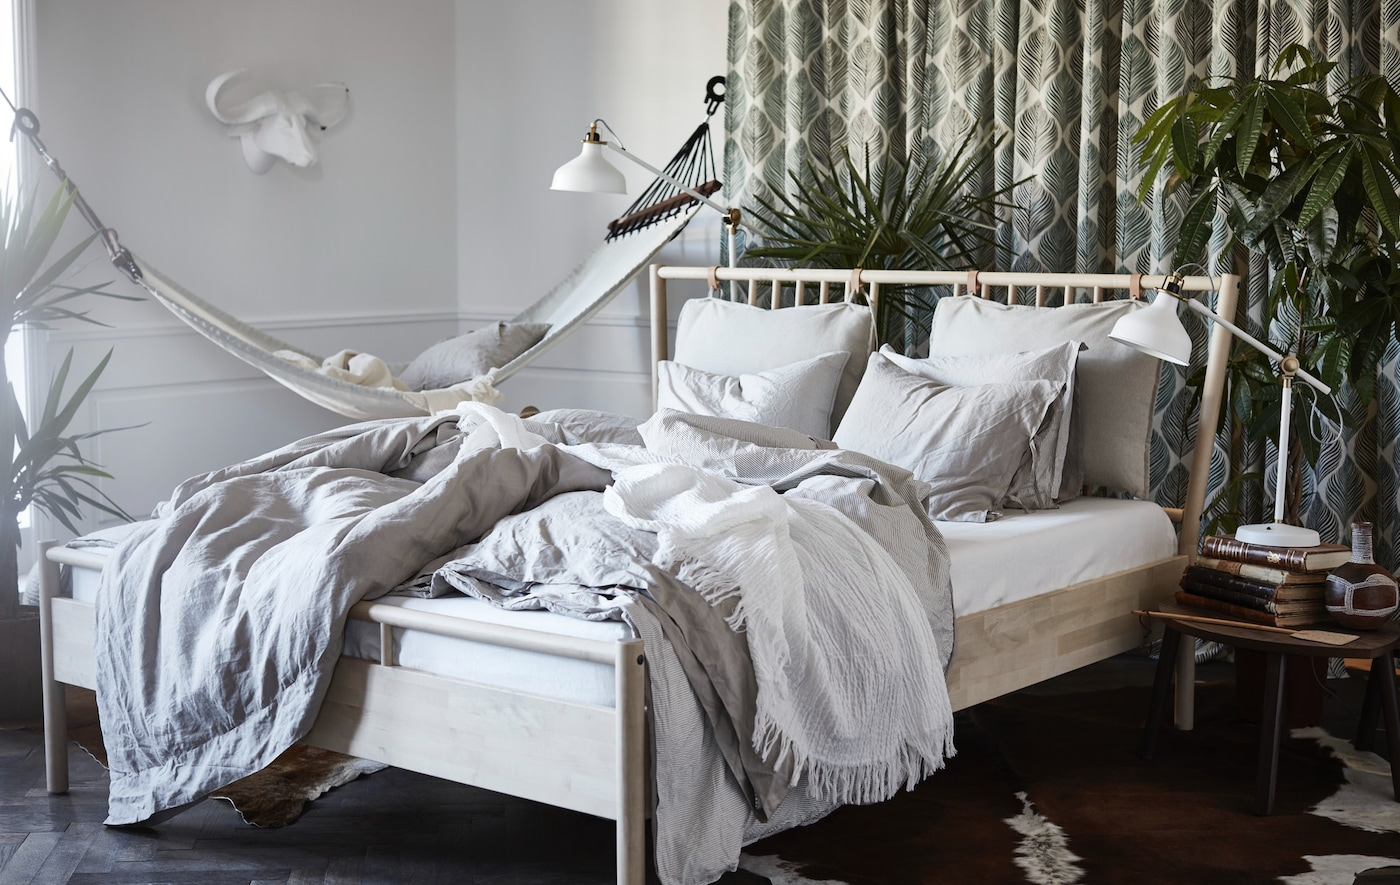 Helles Schlafzimmer mit BJÖRKSNÄS Bettgestell in Birke und einer weißen Hängematte.